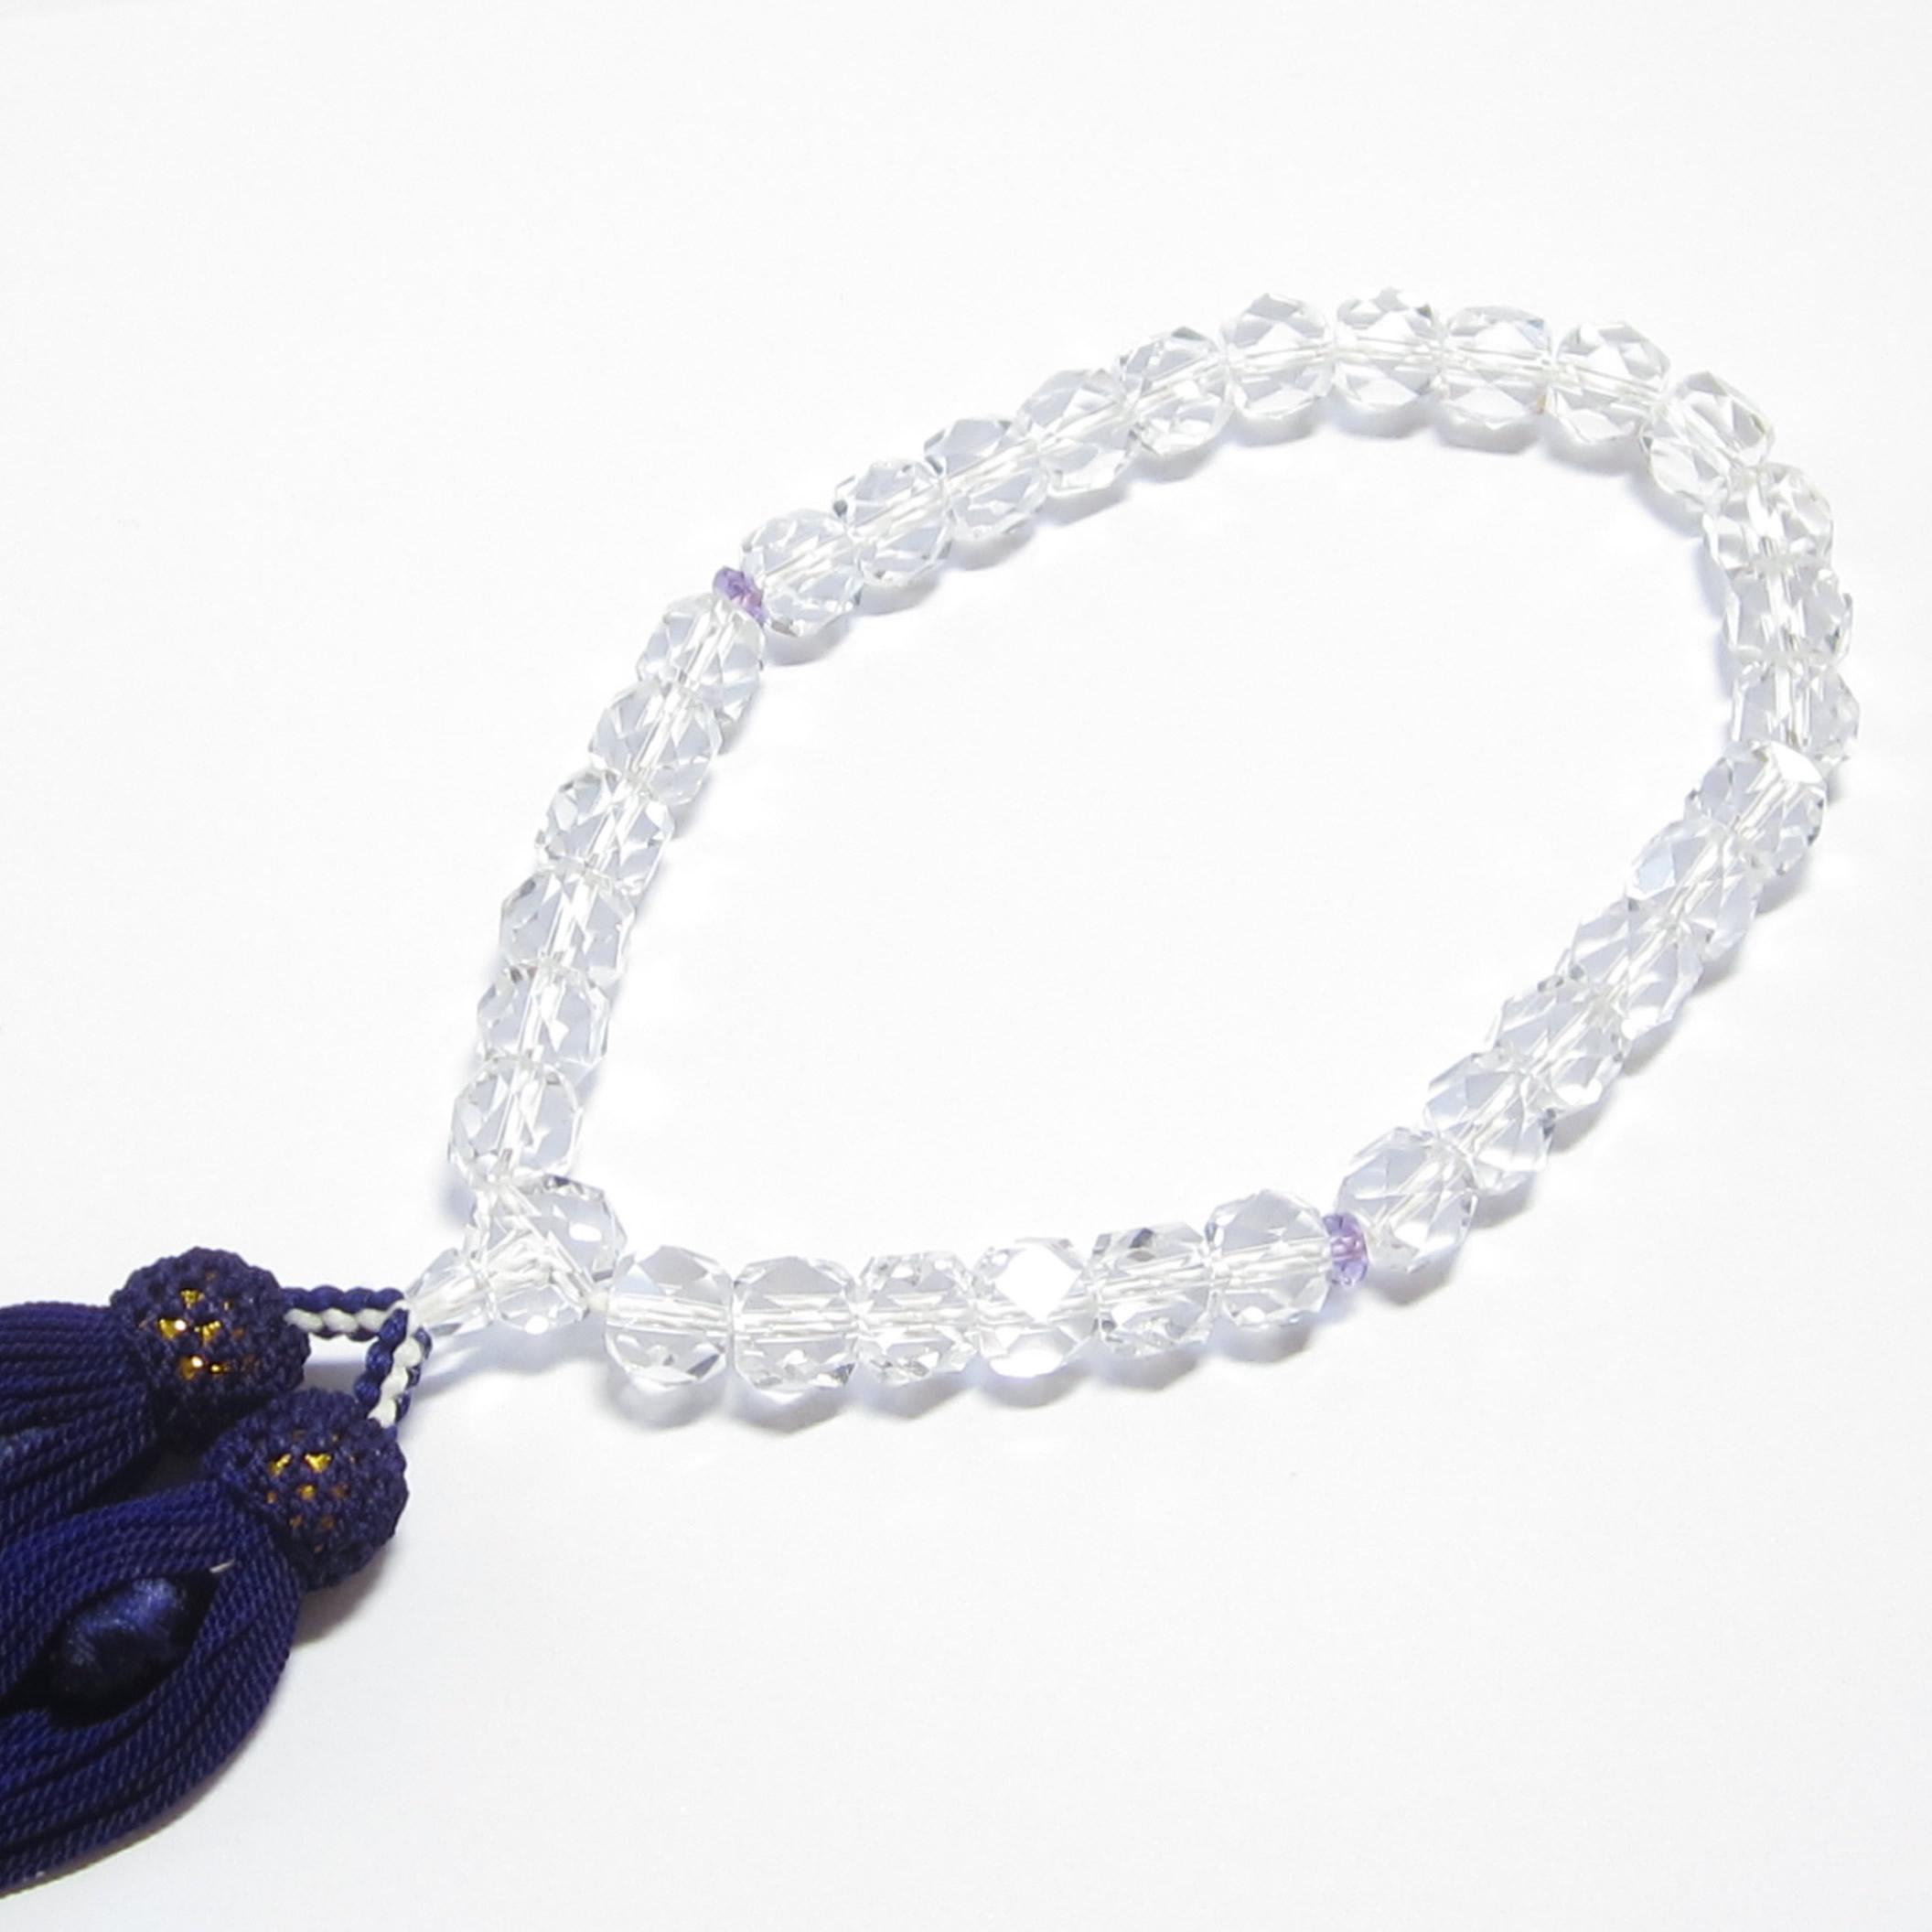 数珠 女性用のカット水晶数珠